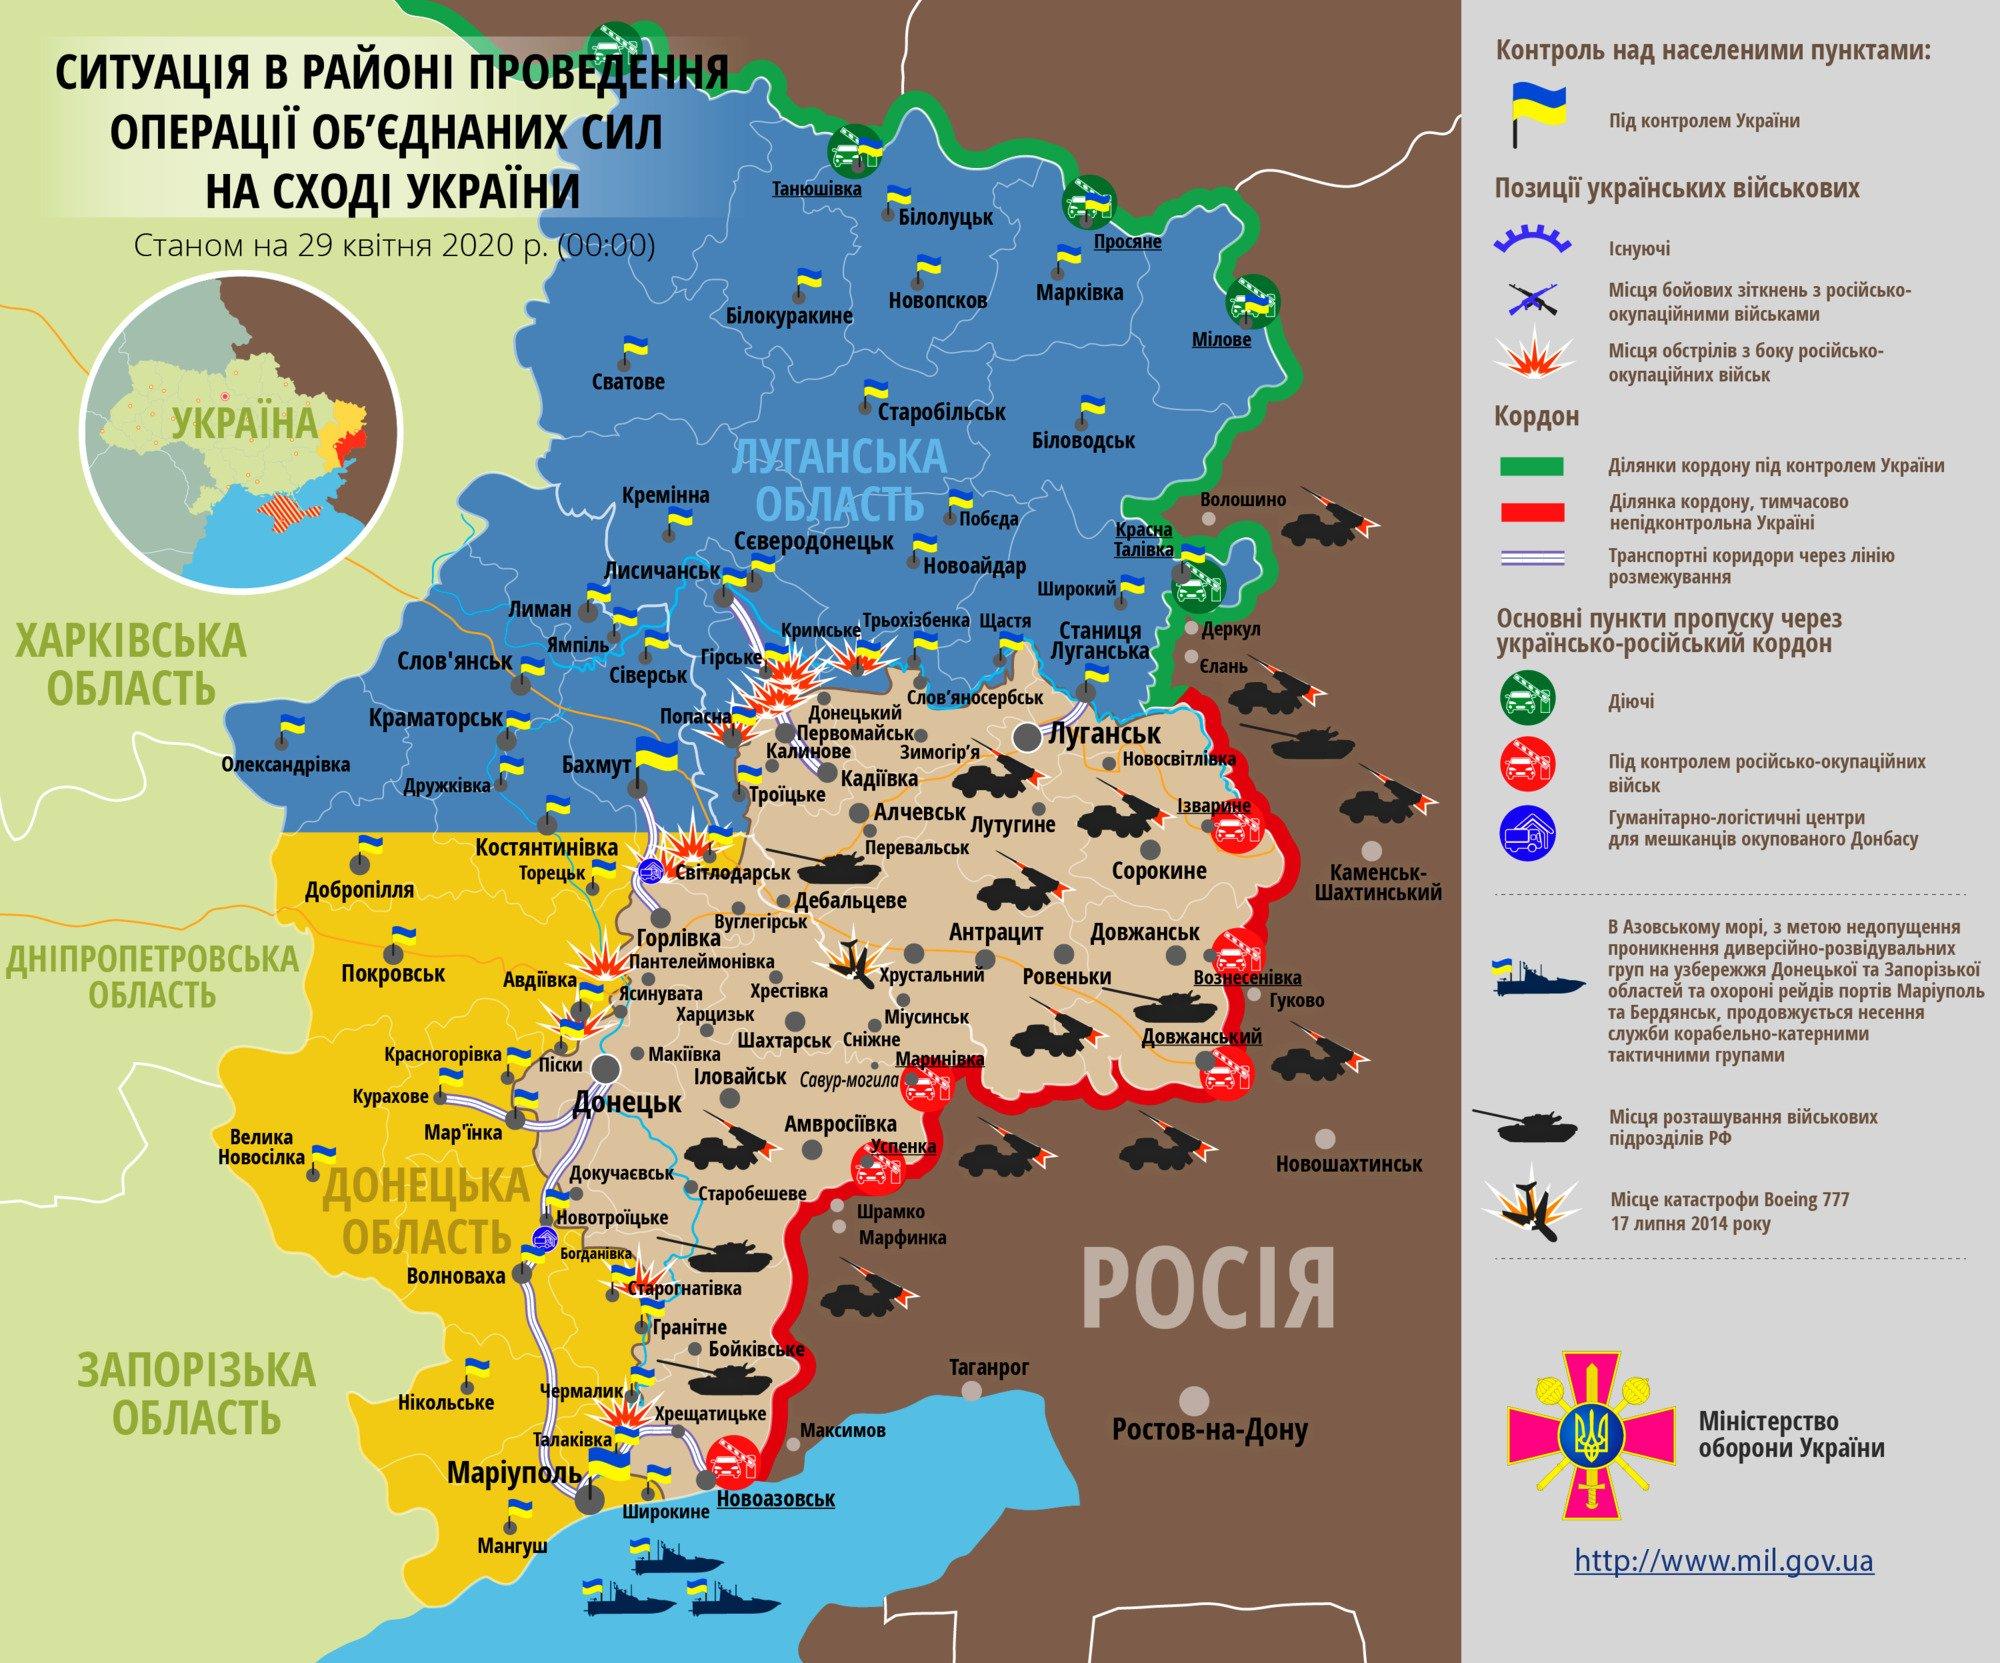 Ситуация в зоне проведения ООС на Донбассе 29 апреля